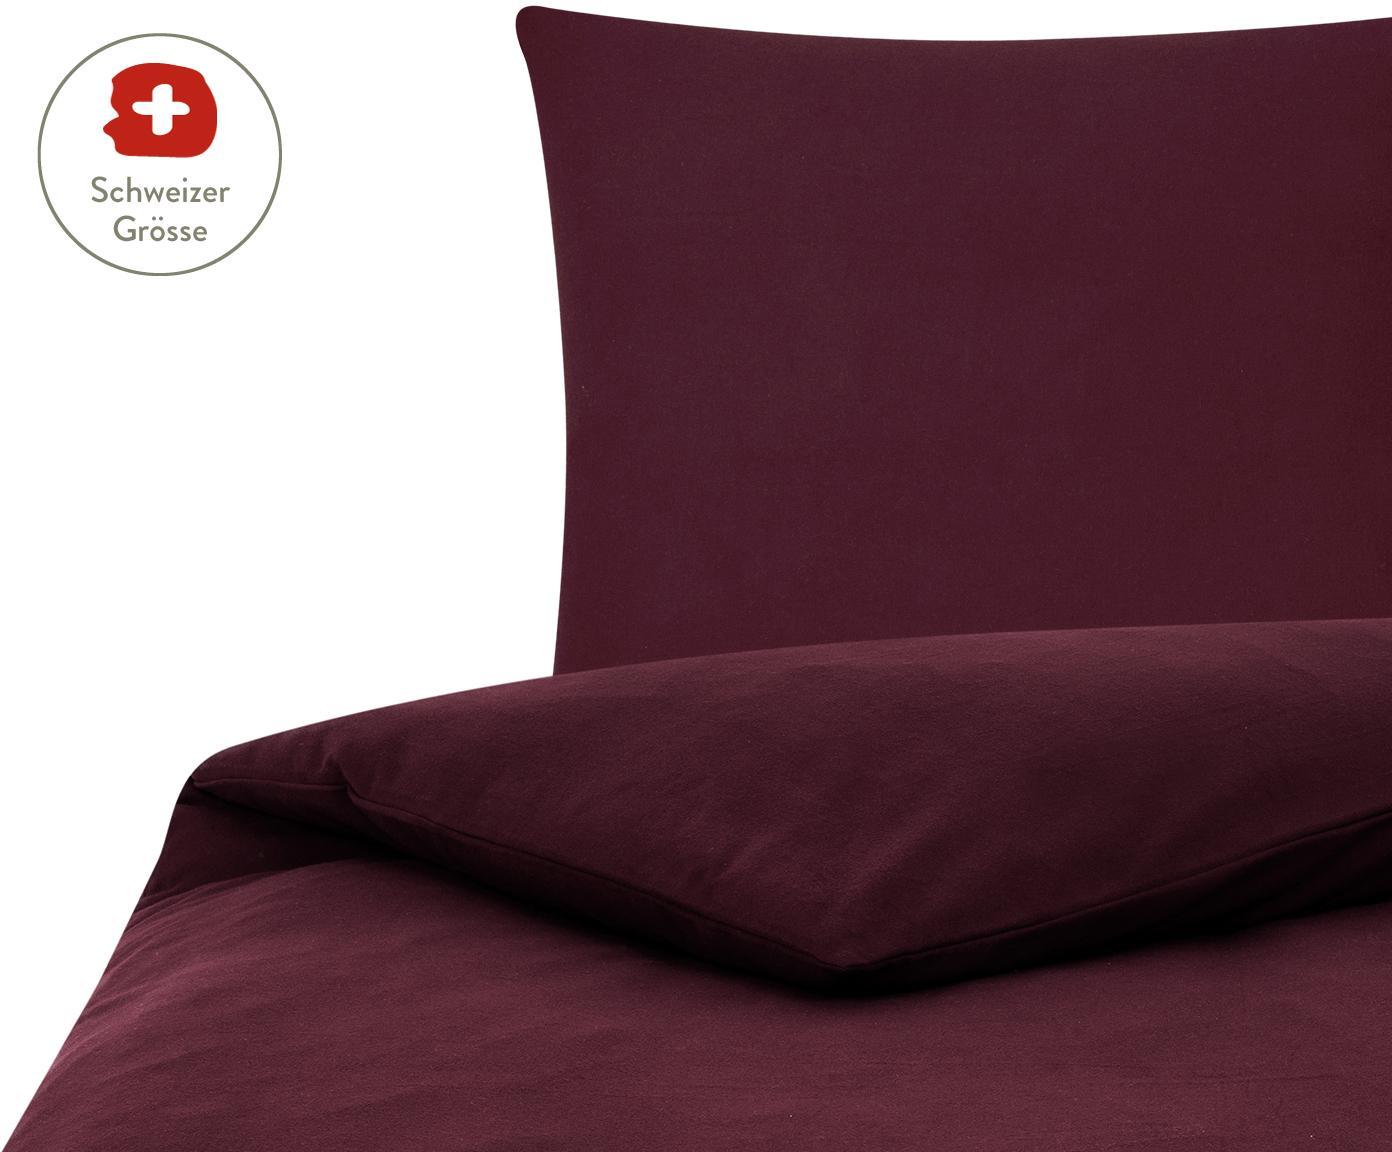 Flanell-Bettdeckenbezug Erica in Dunkelrot, Webart: Flanell, Dunkelrot, 160 x 210 cm